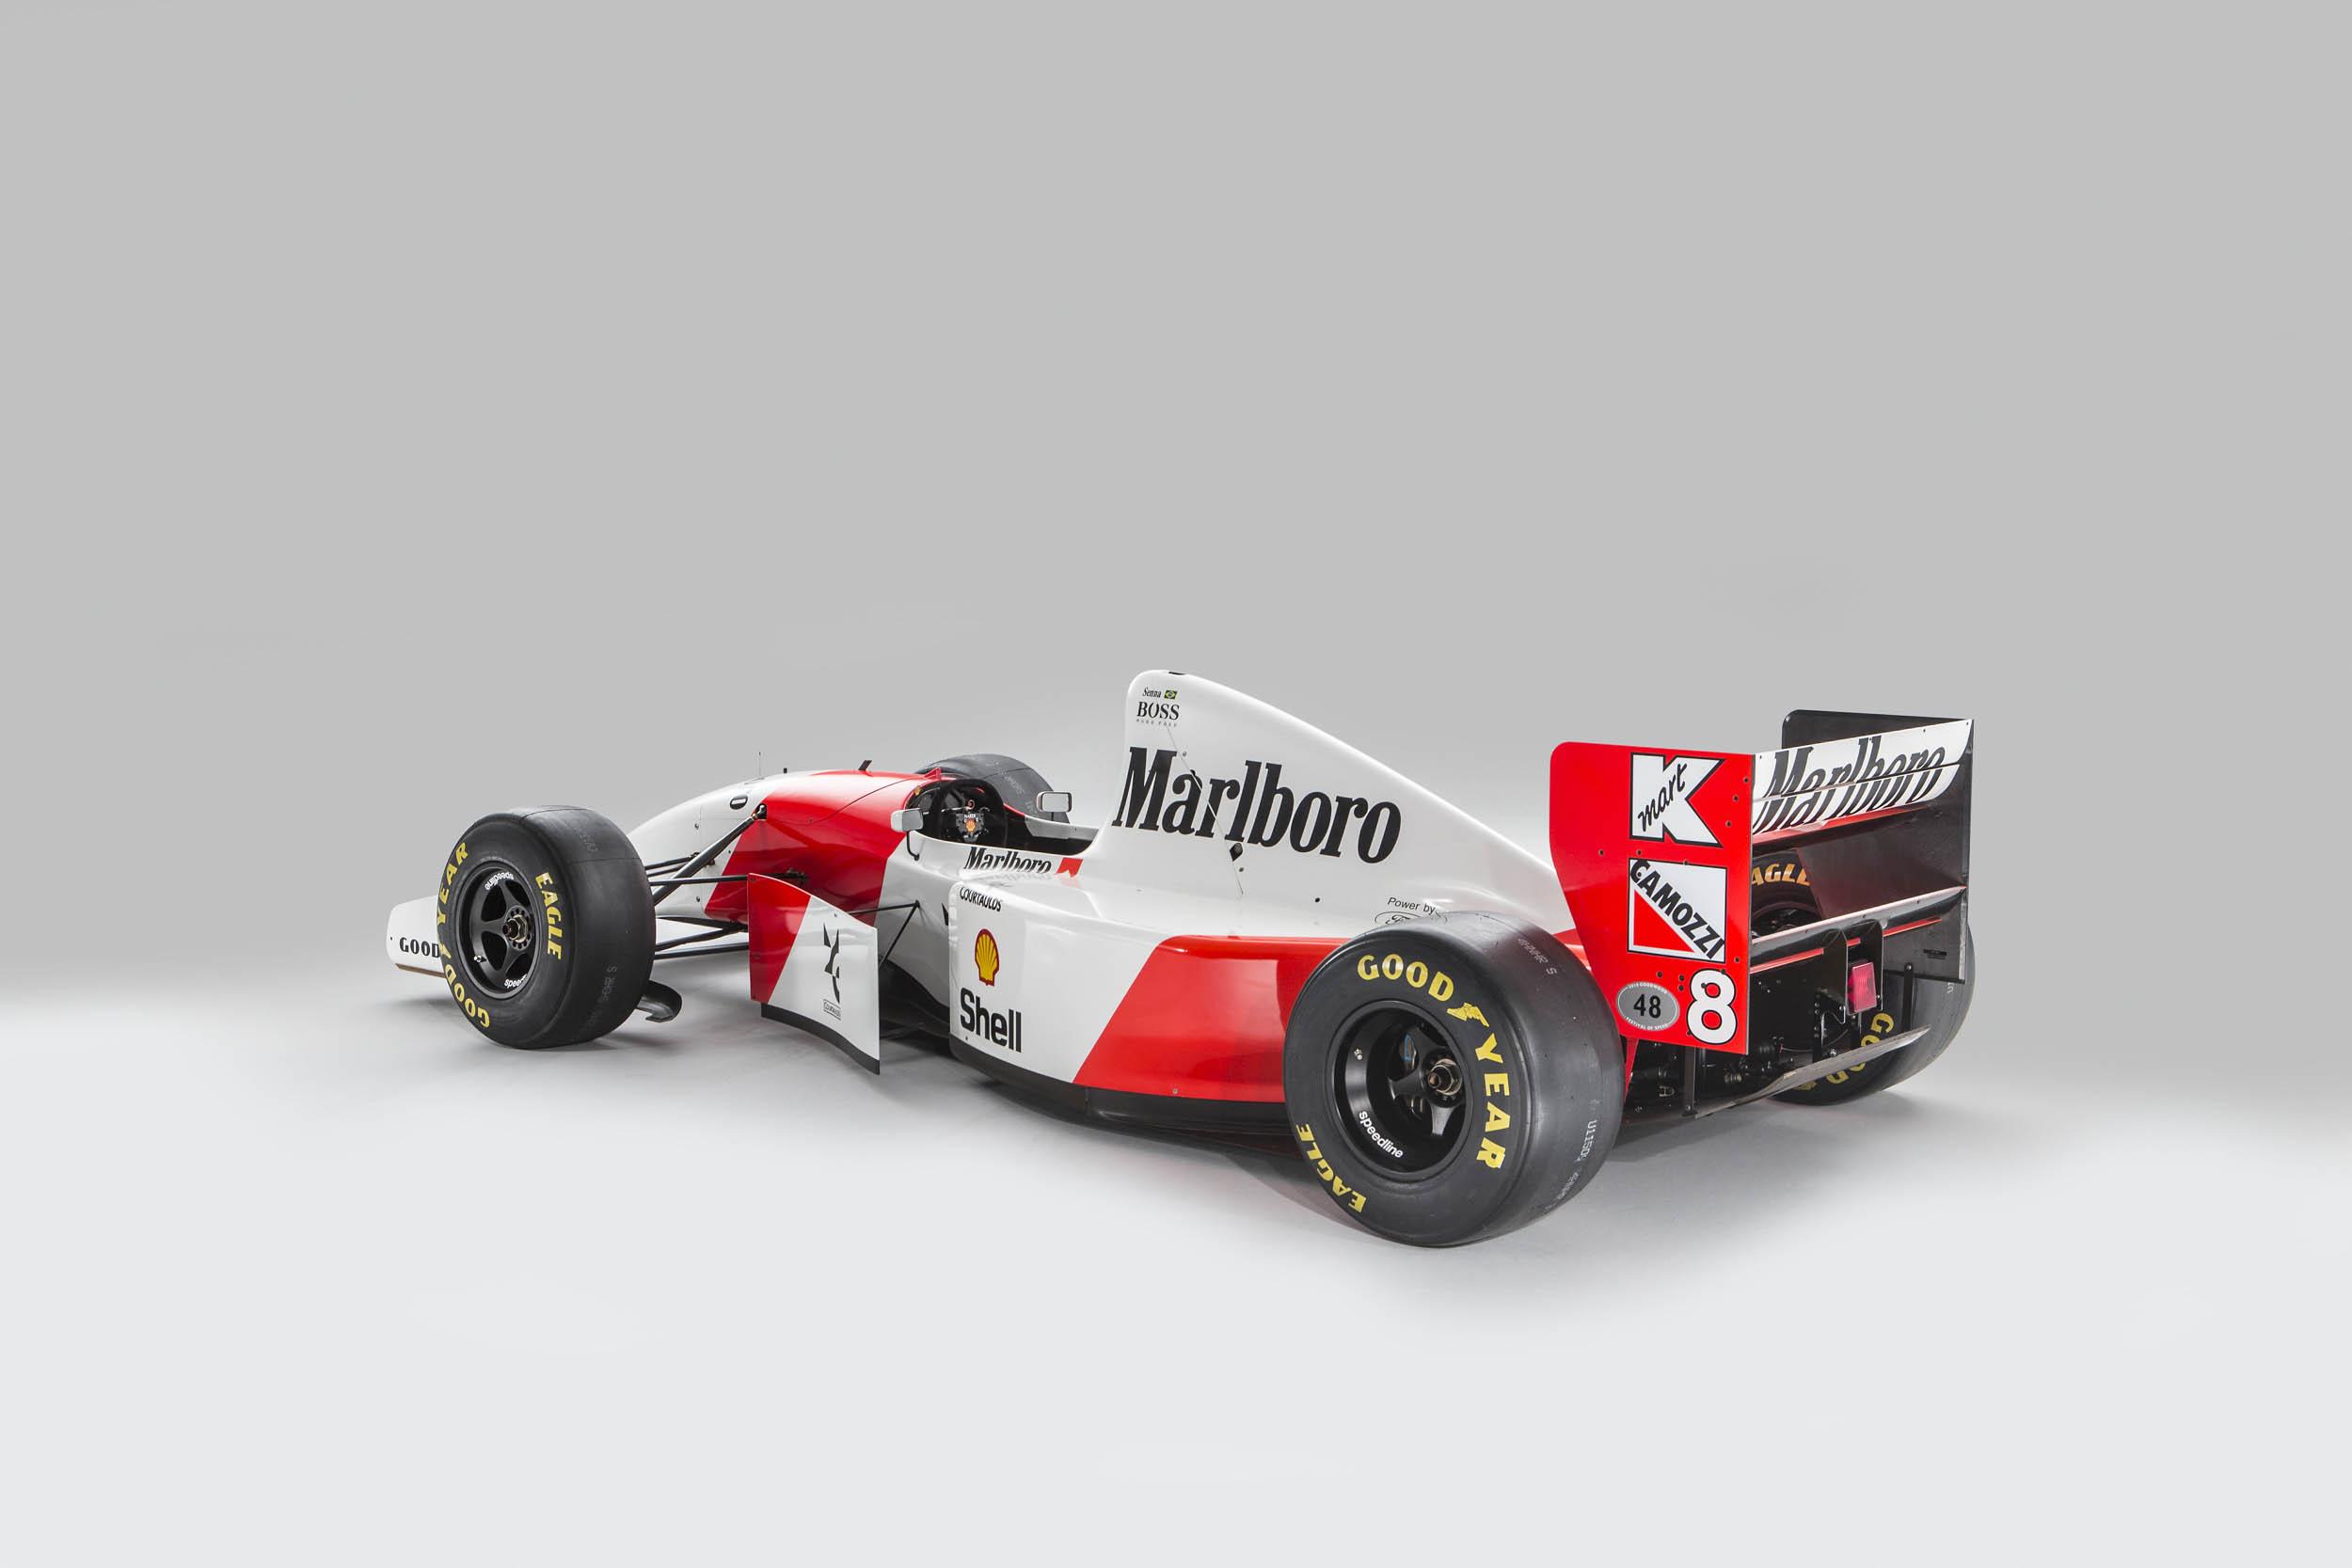 1993 McLaren MP4/8A Bonhams Formula 1 Senna